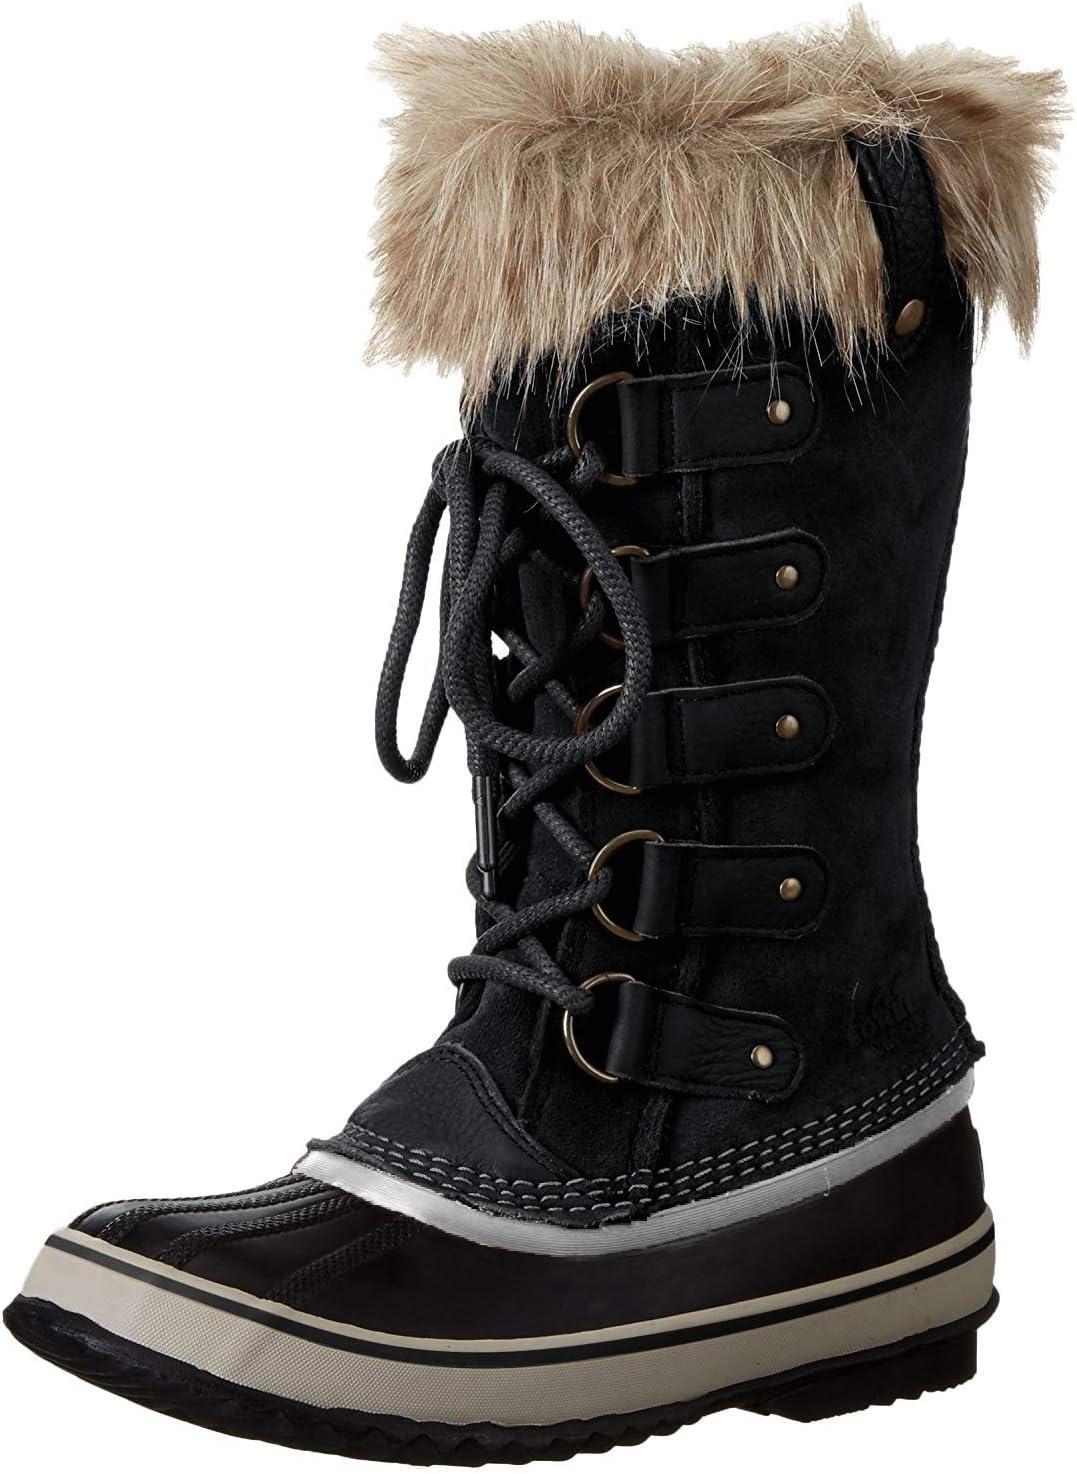 Sorel Joan Of Arctic II voor dames Sneeuwlaarzen zwart zwart steen 010